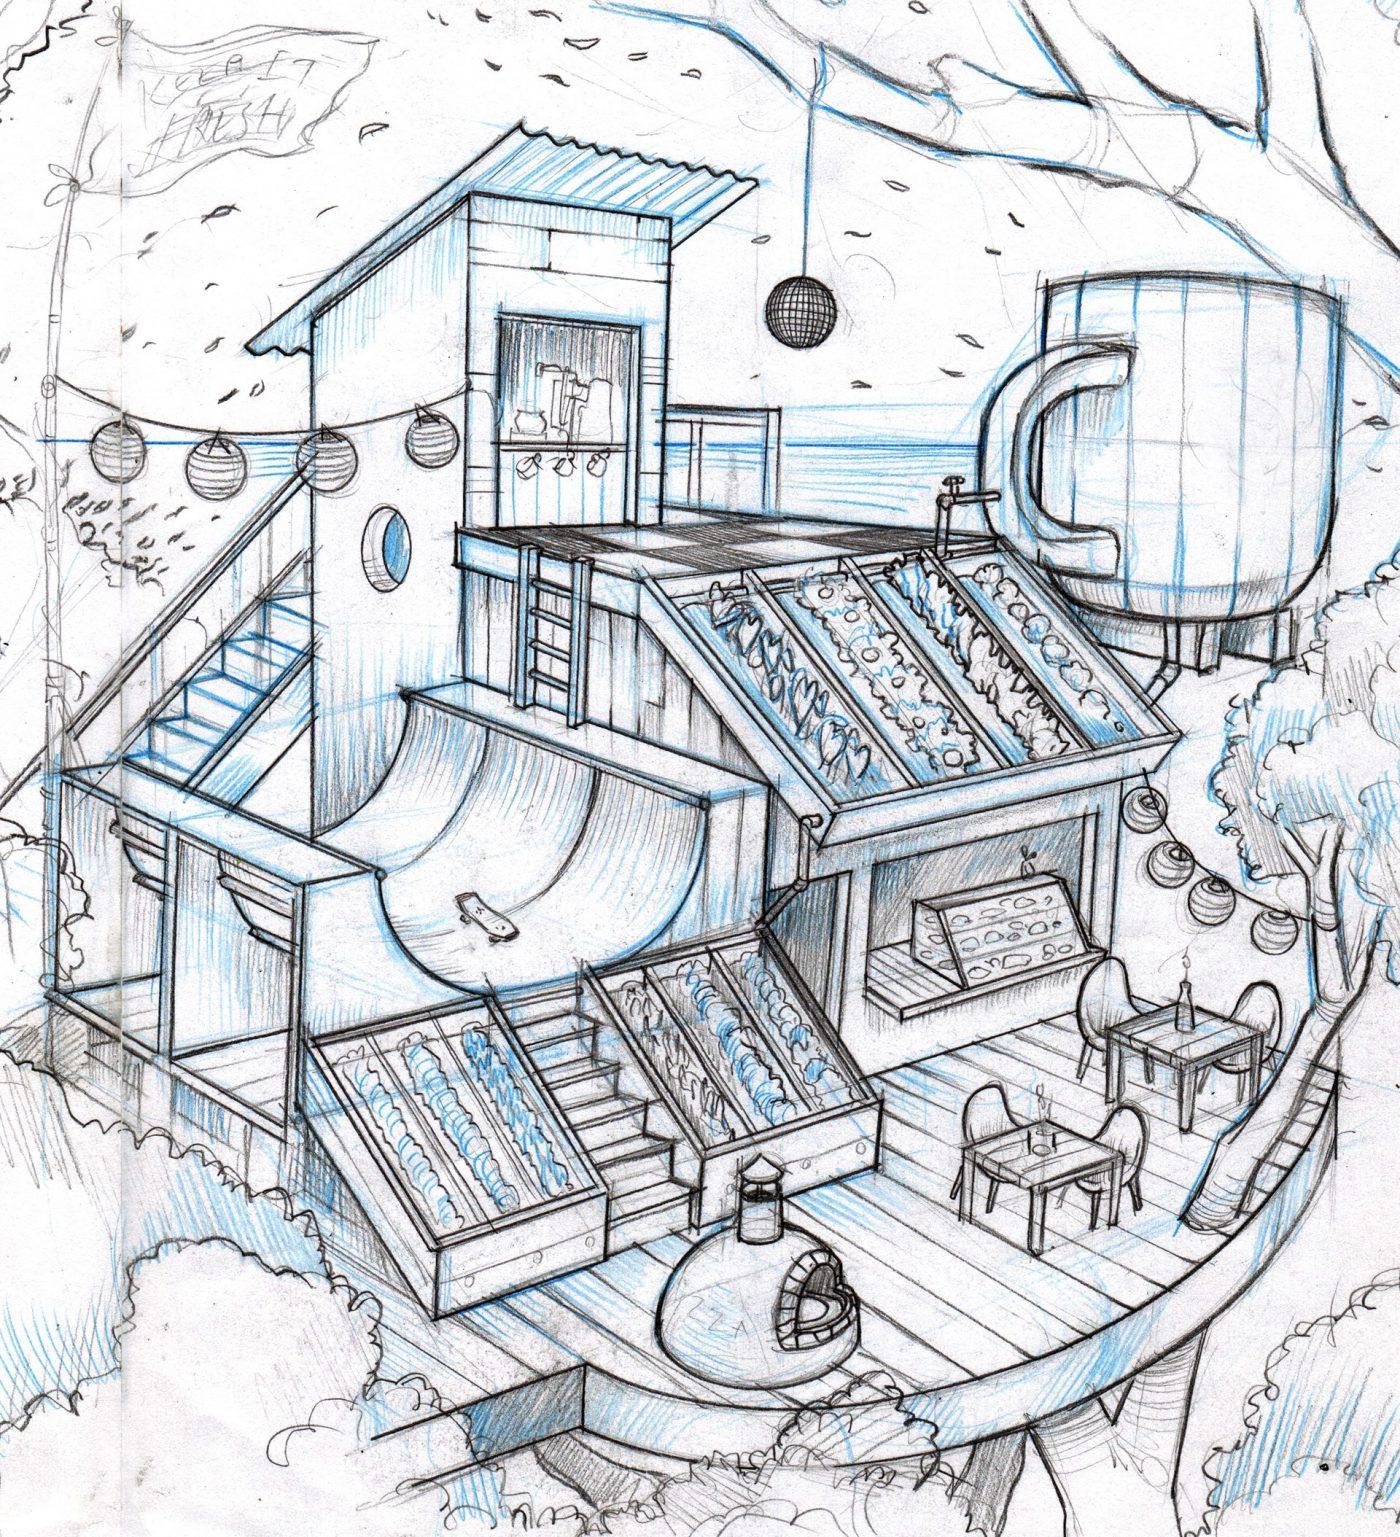 Tree House Sketch by Matthew Ortiz